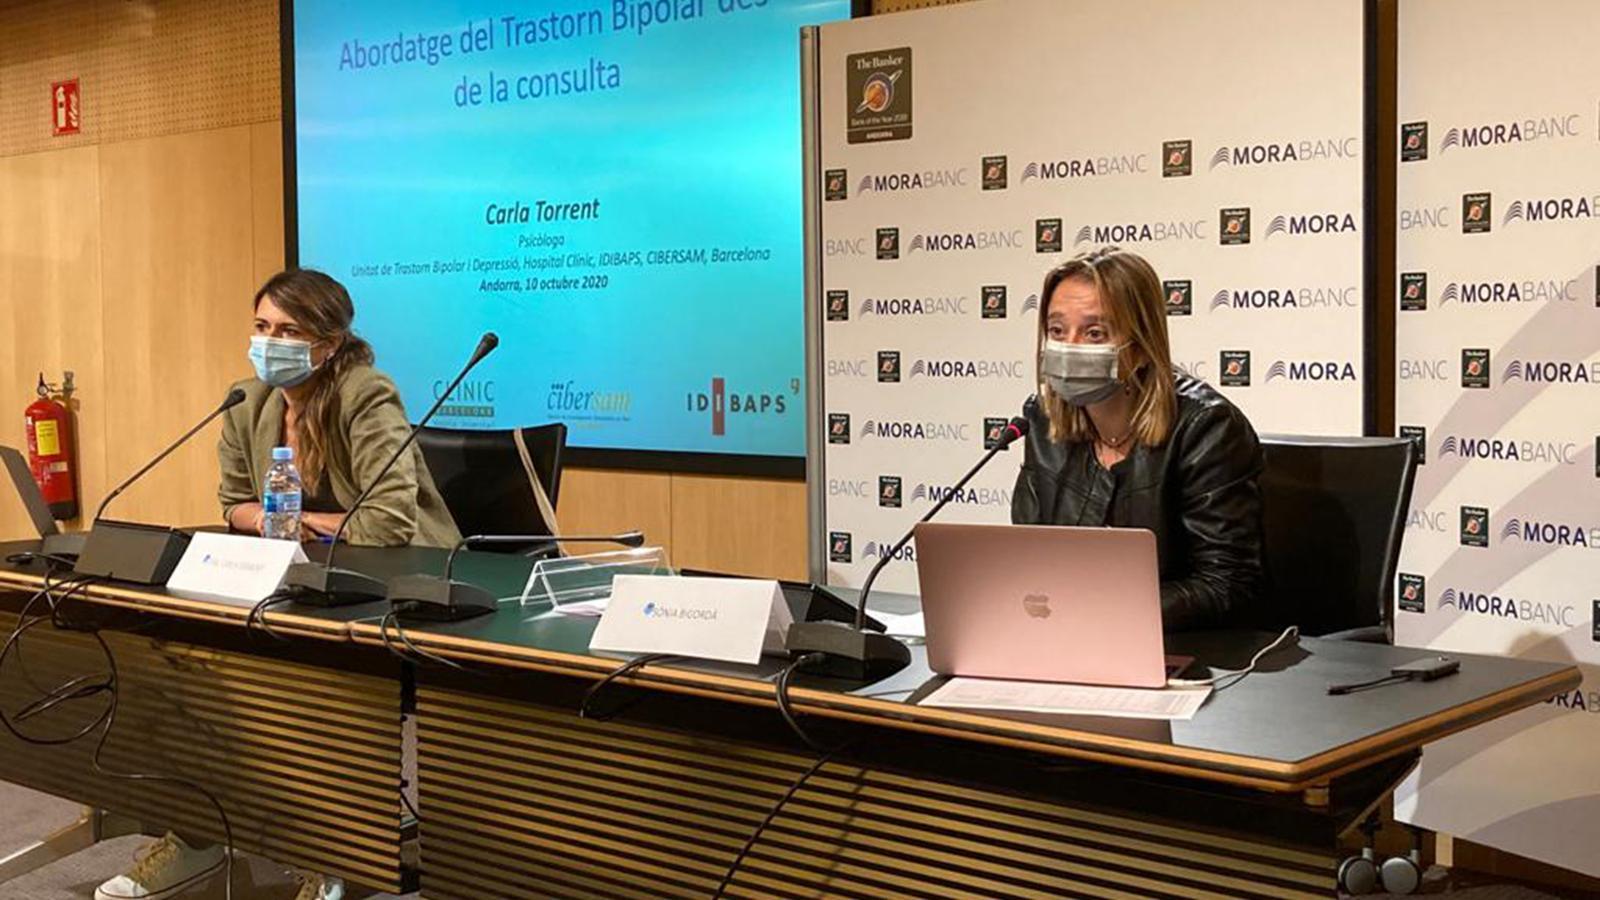 La ponent, Carla Torrent, juntament amb la secretària de la Junta de Govern del COPSIA, Sònia Bigordà, durant la jornada. / ANA